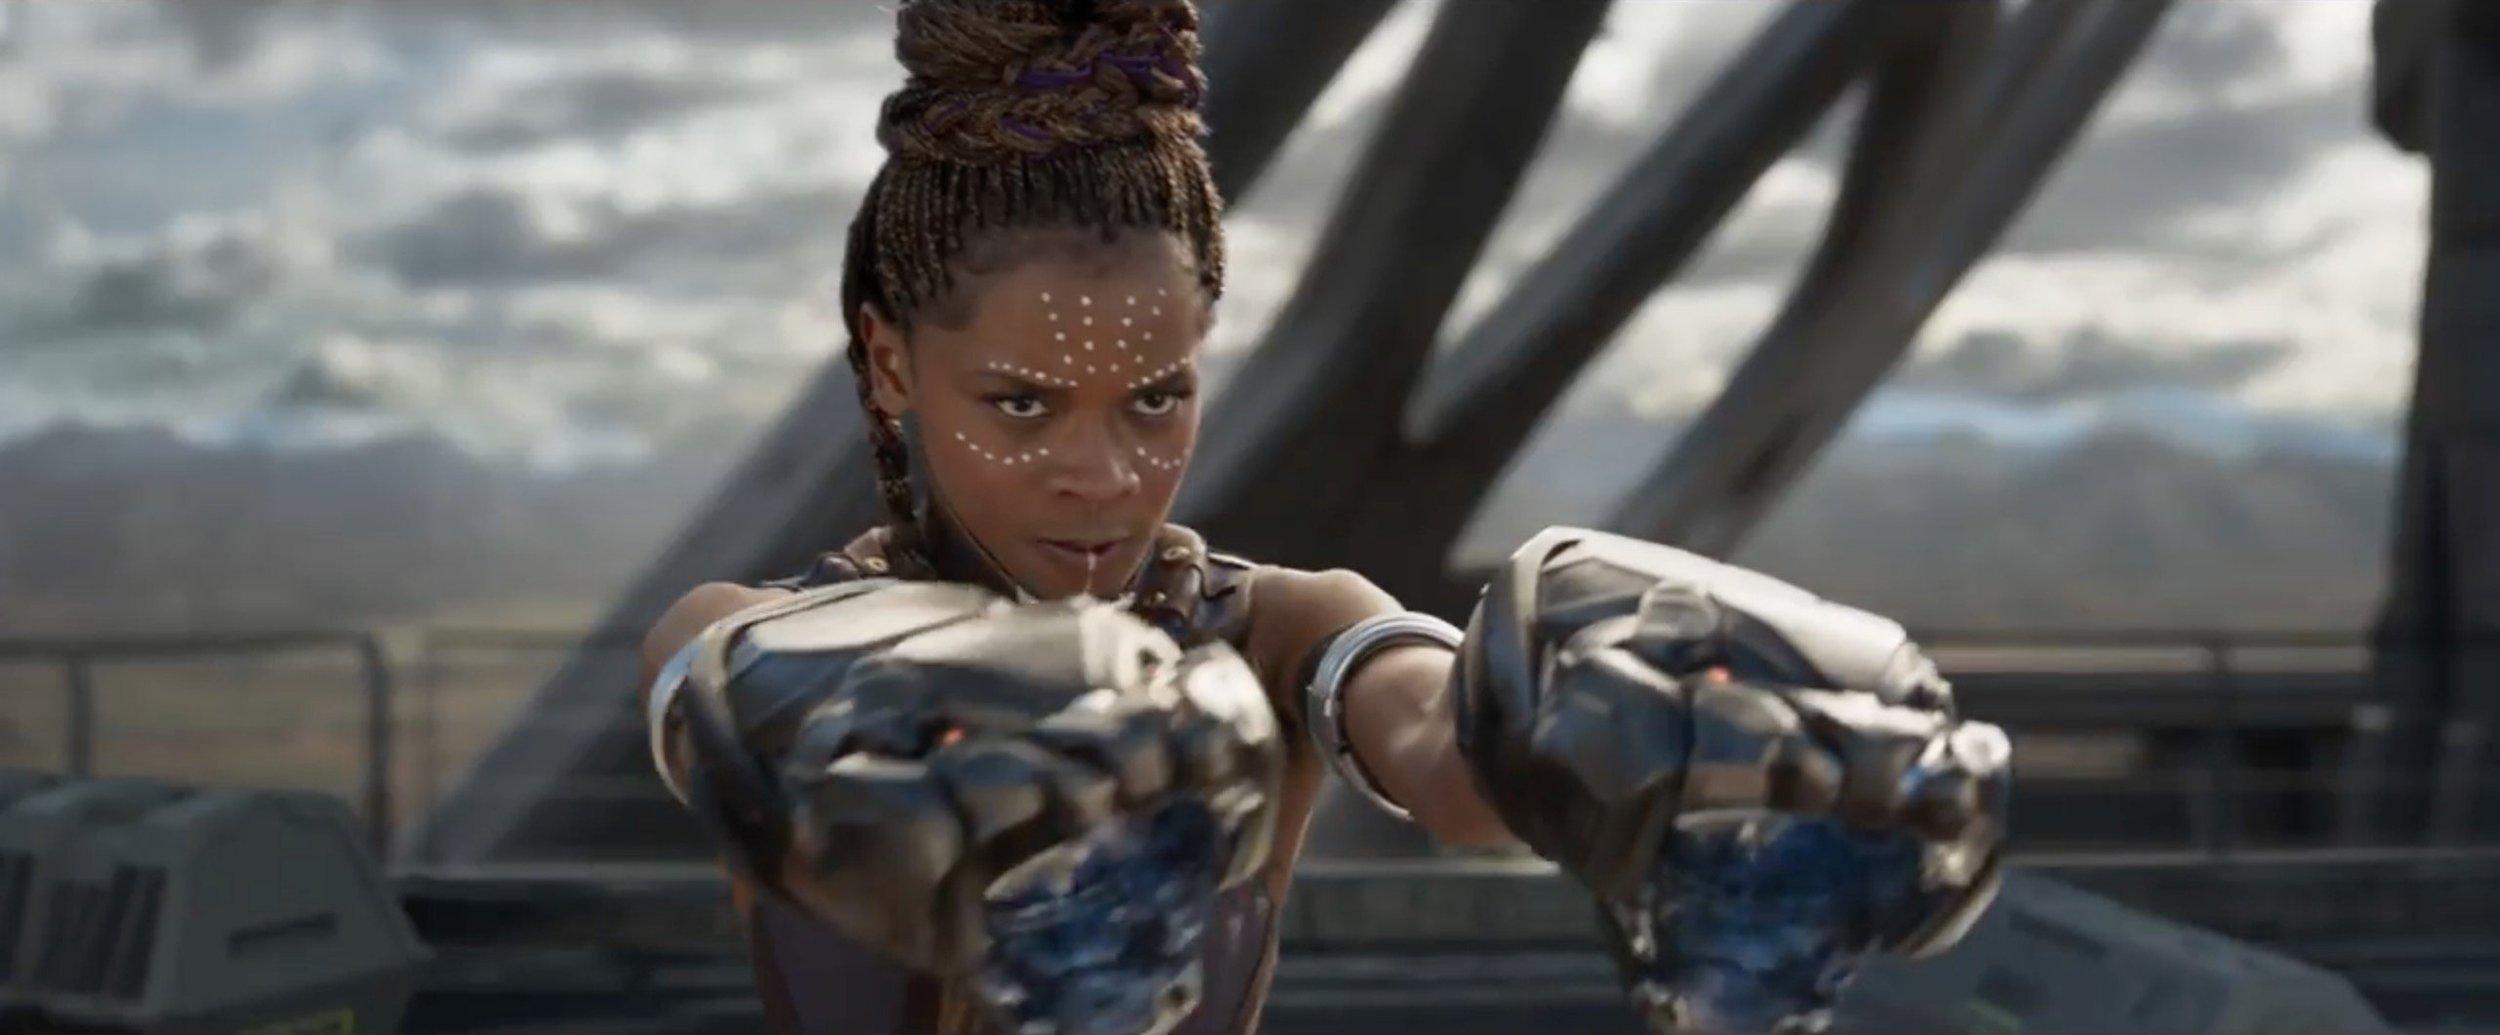 Black-Panther-Trailer-Breakdown-34.jpg